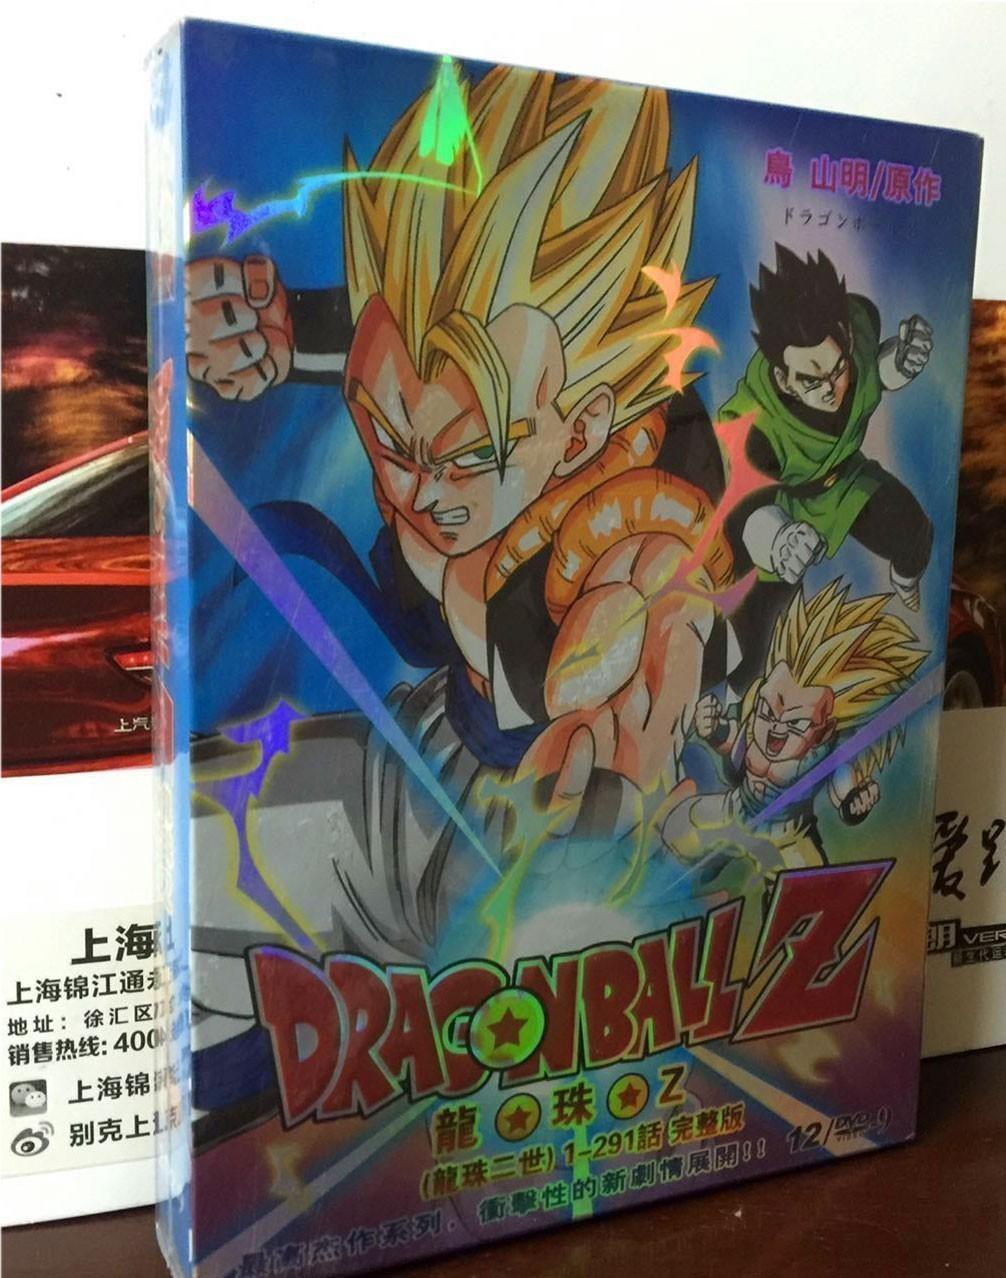 Dragon Ball Z Hong Kong (7 Viên Ngọc Rồng Z bản HK) Cover